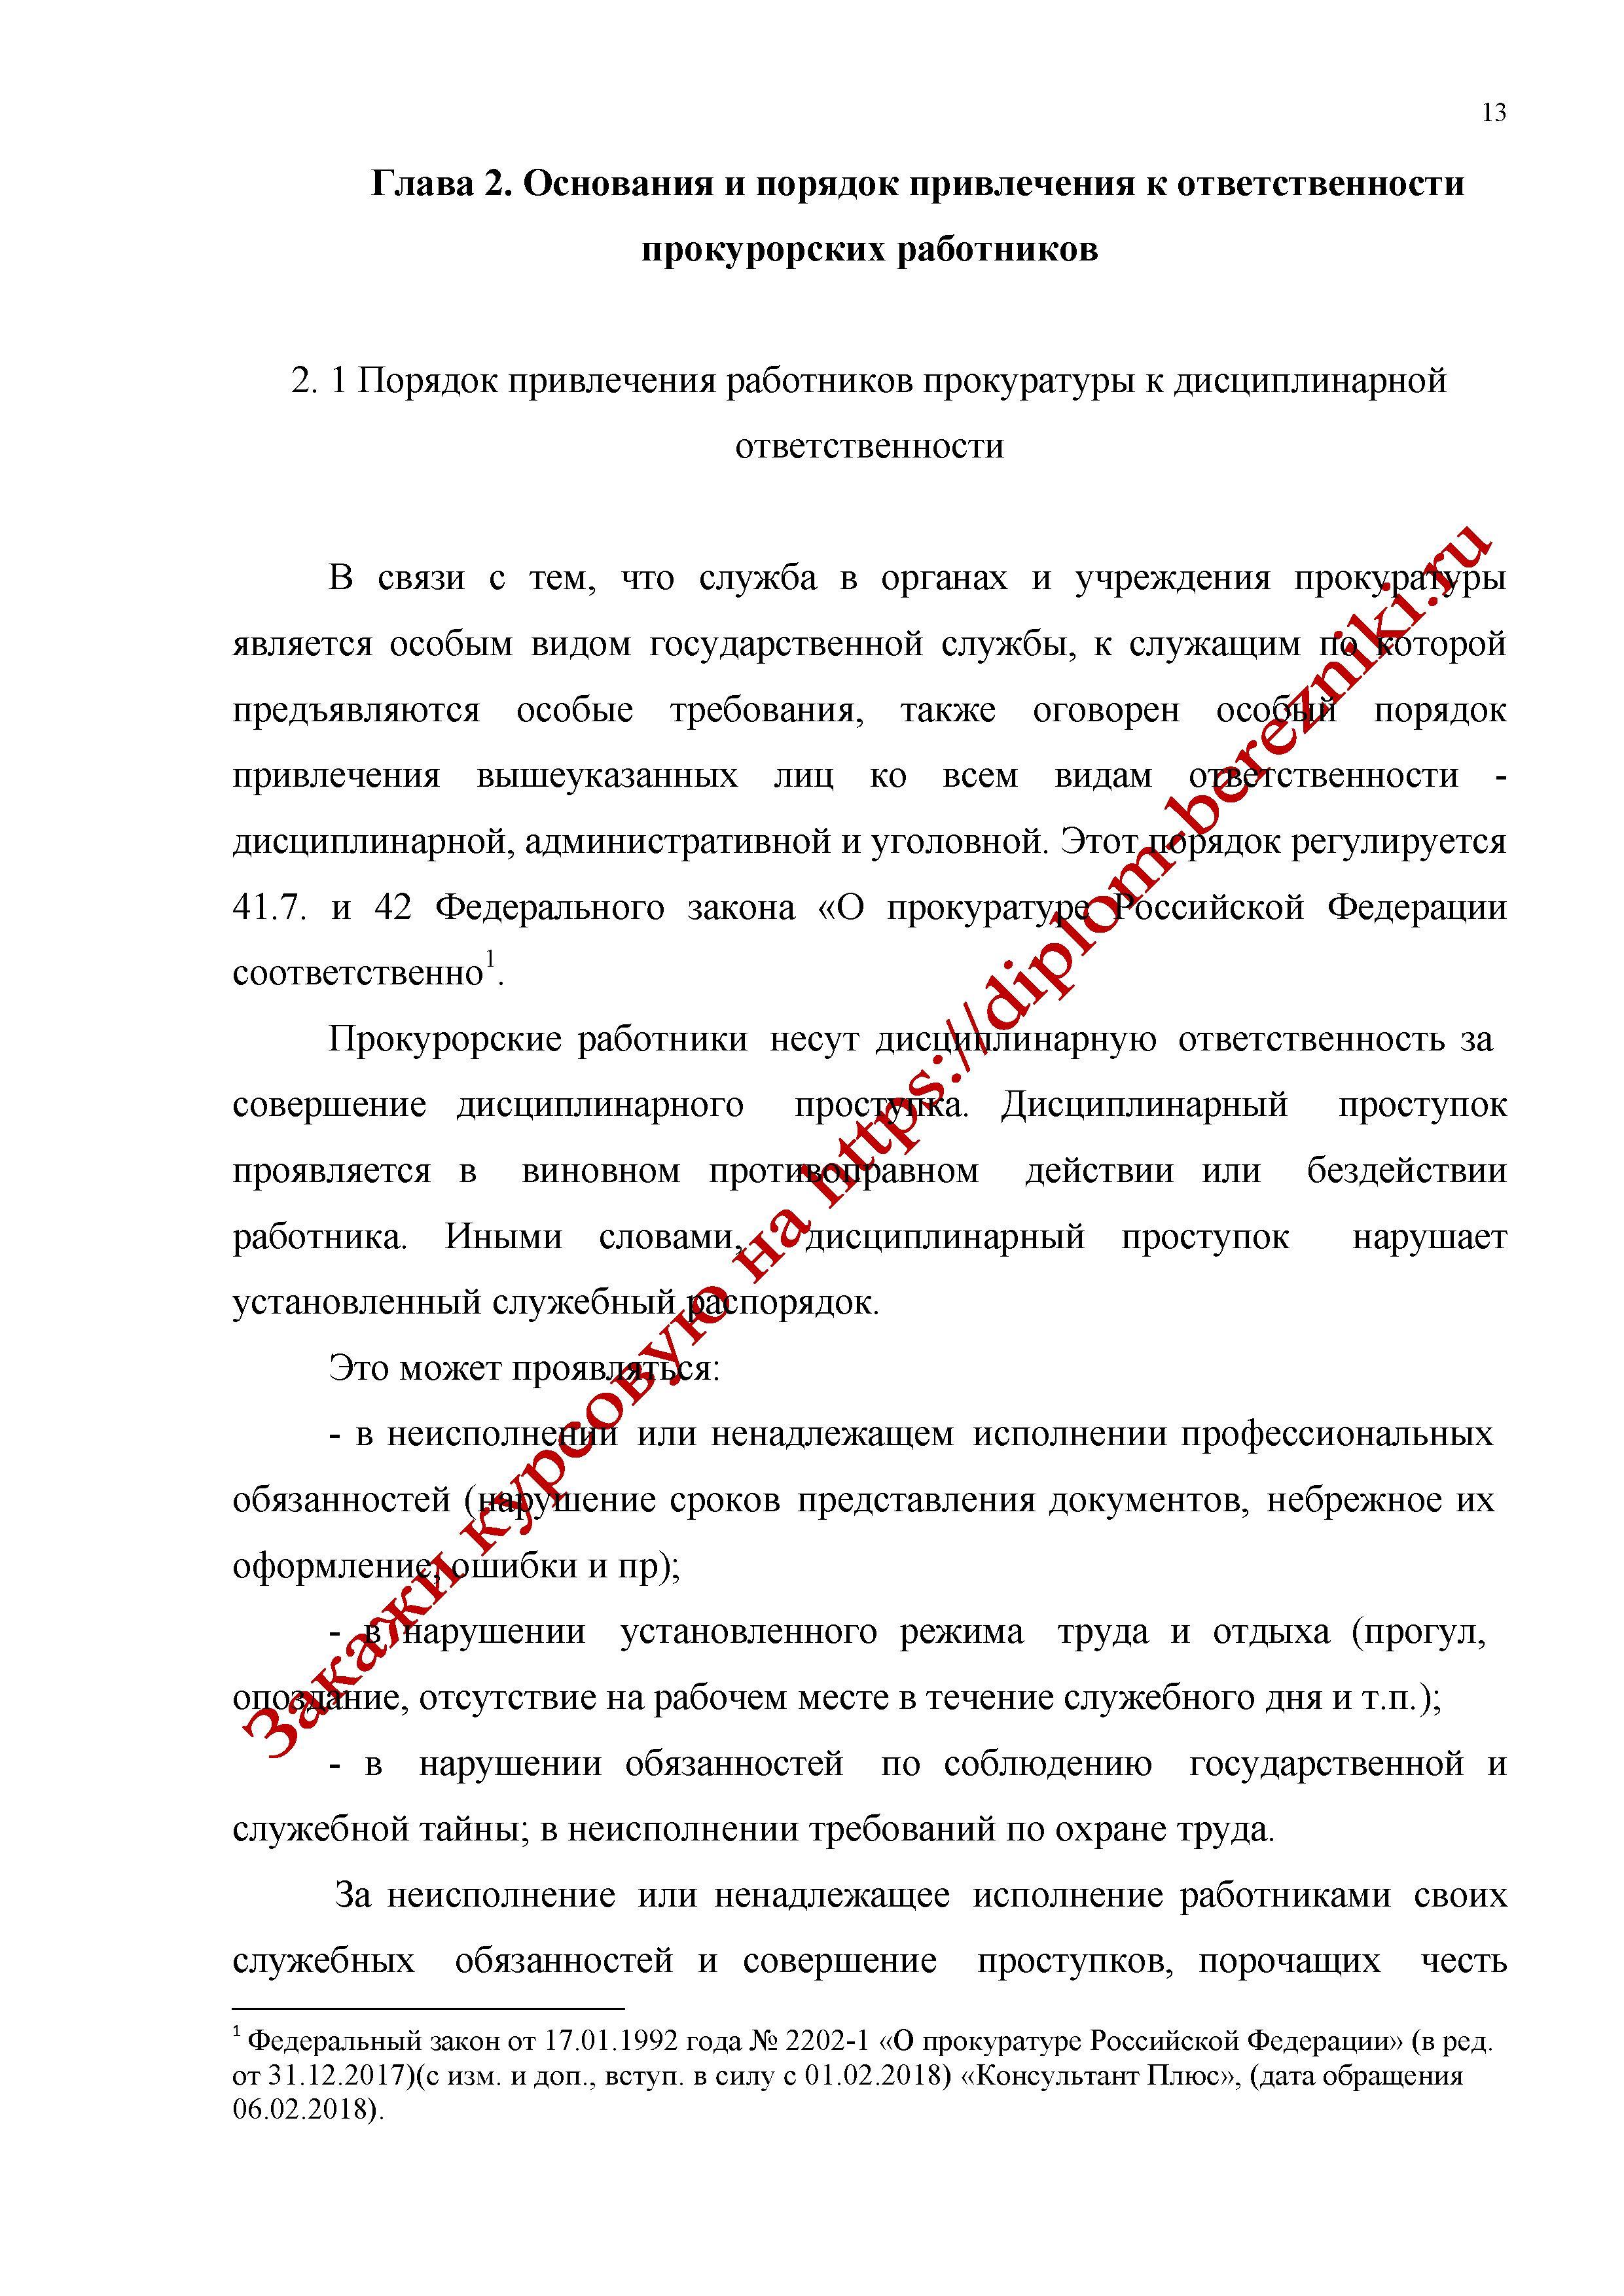 Общая характеристика административно-правовых полномочий прокурора